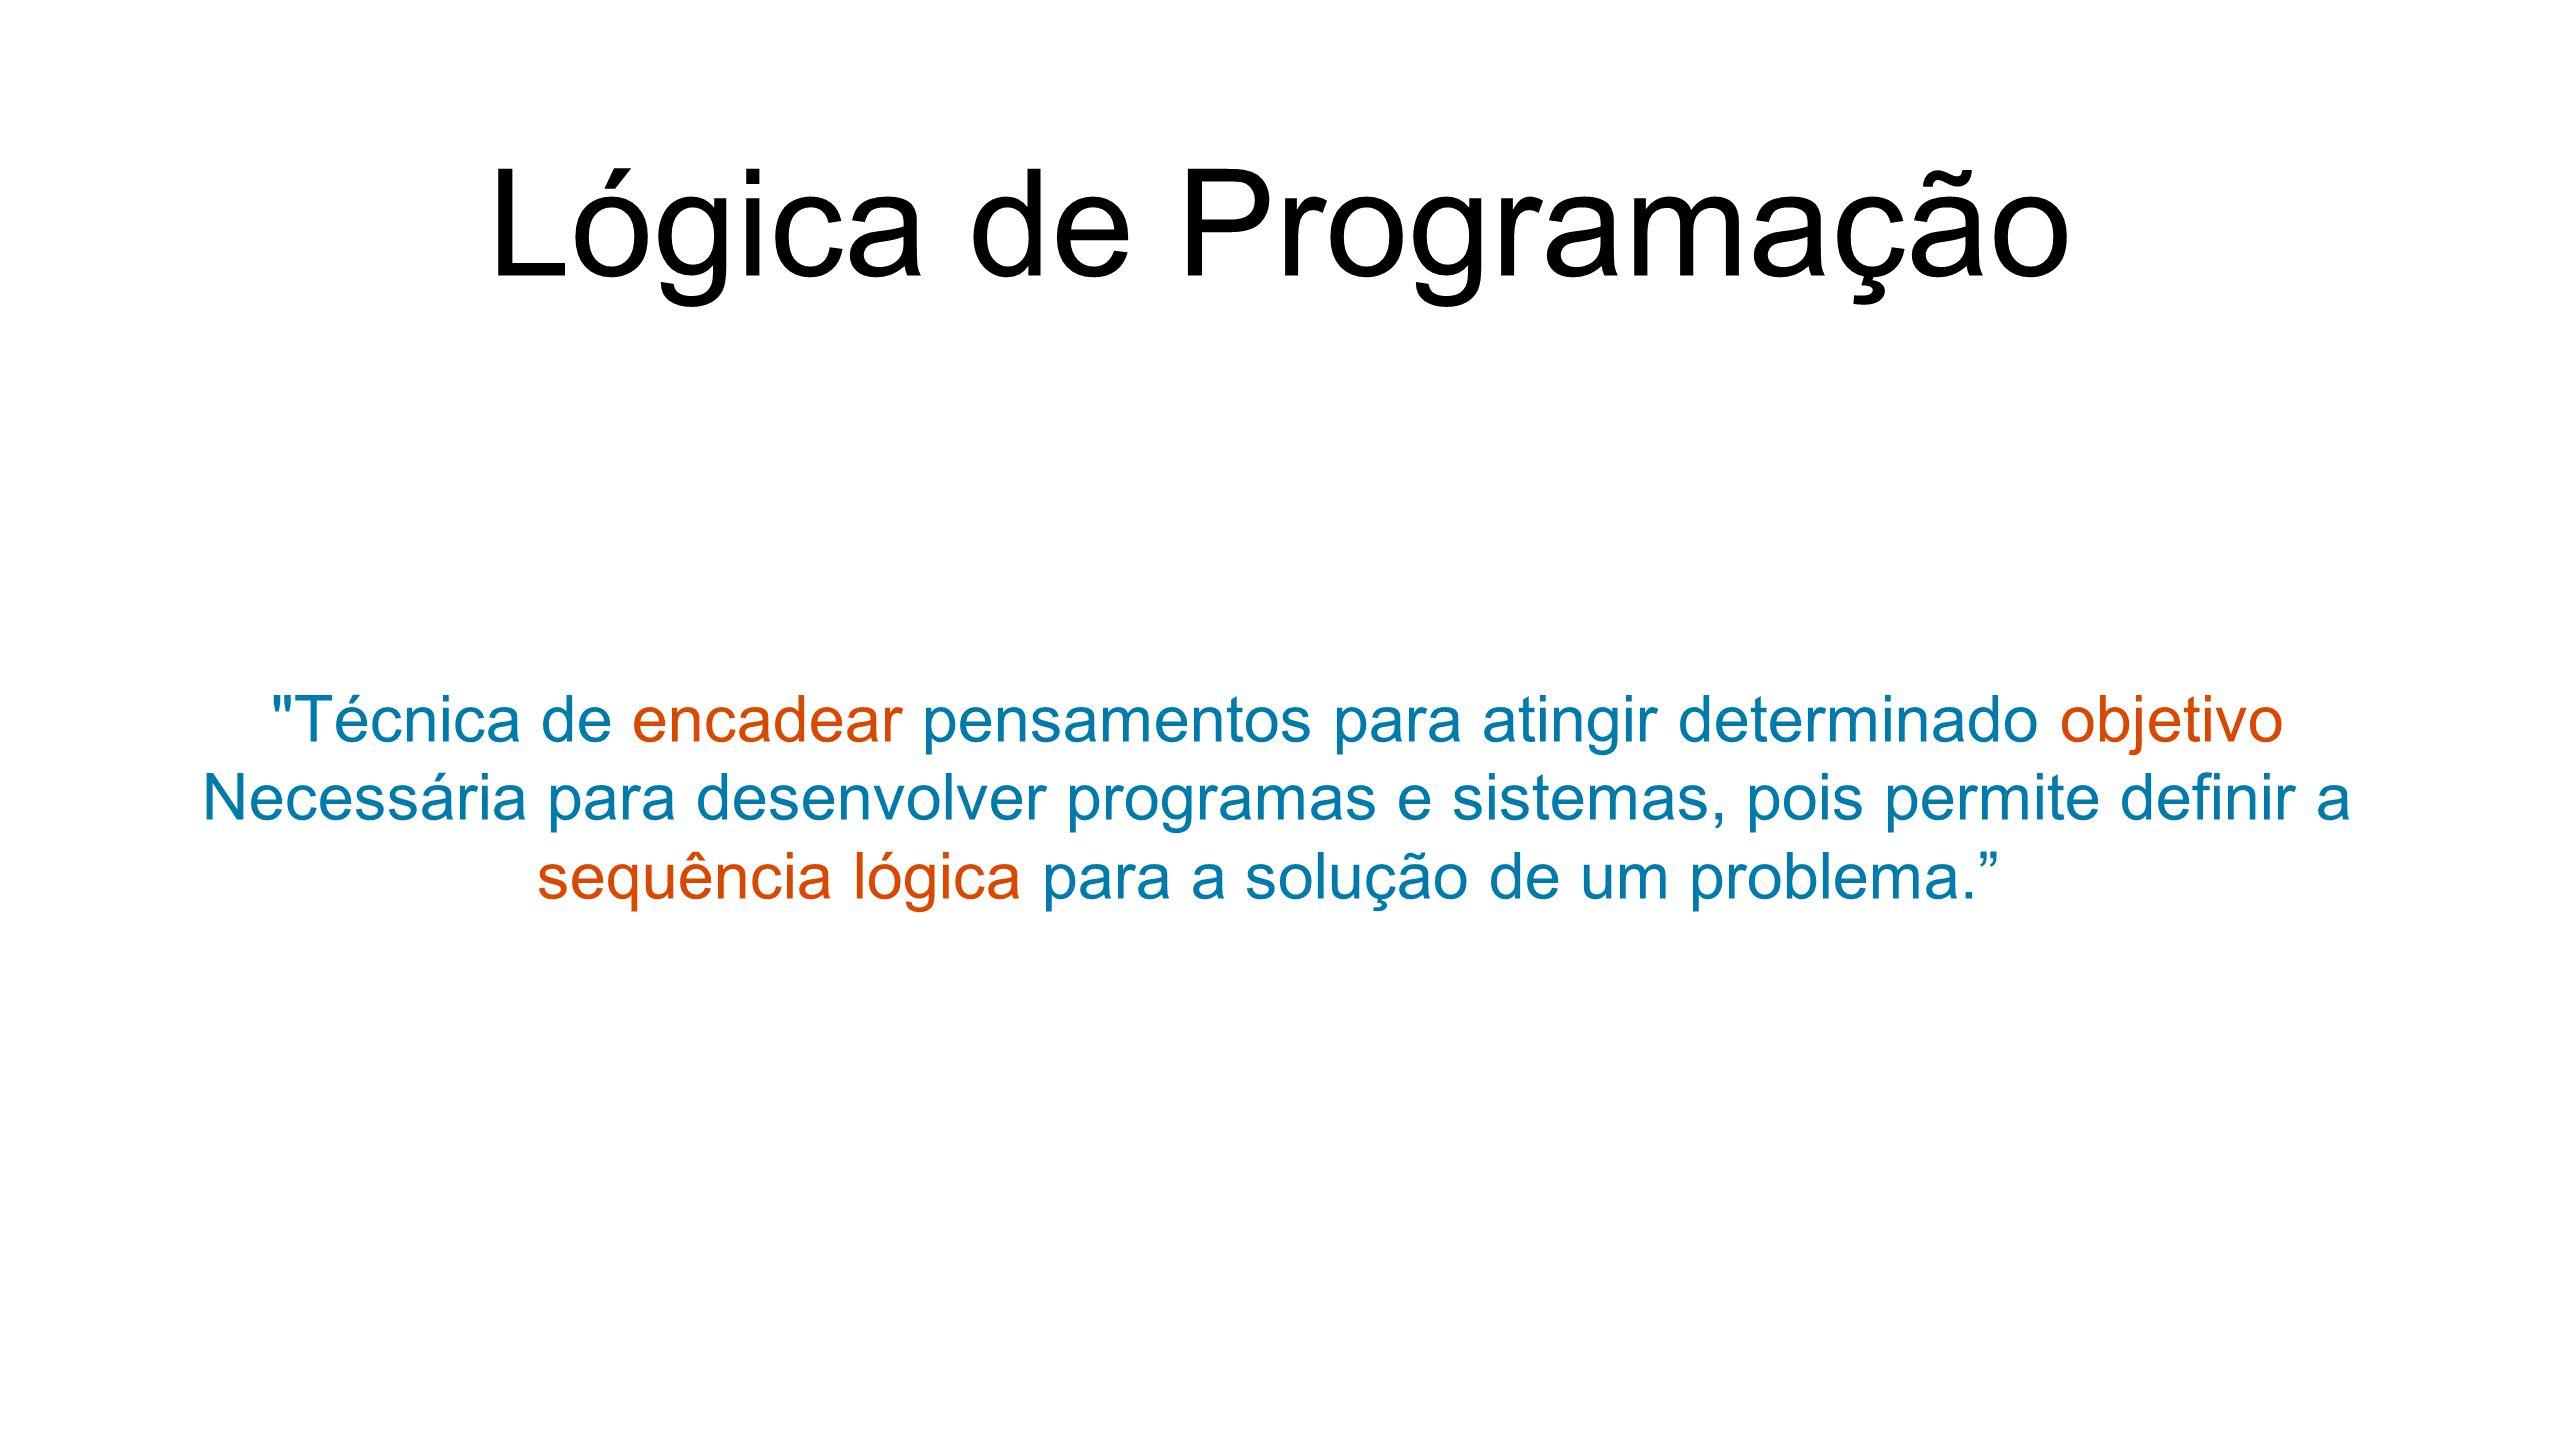 Pseudocódigo Descrição do algoritmo, menos rigorosa que na linguagem de programação (código fonte) Fácil de entender e fácil de codificar depois Independente da linguagem de programação Simples e objetivo Técnicas: